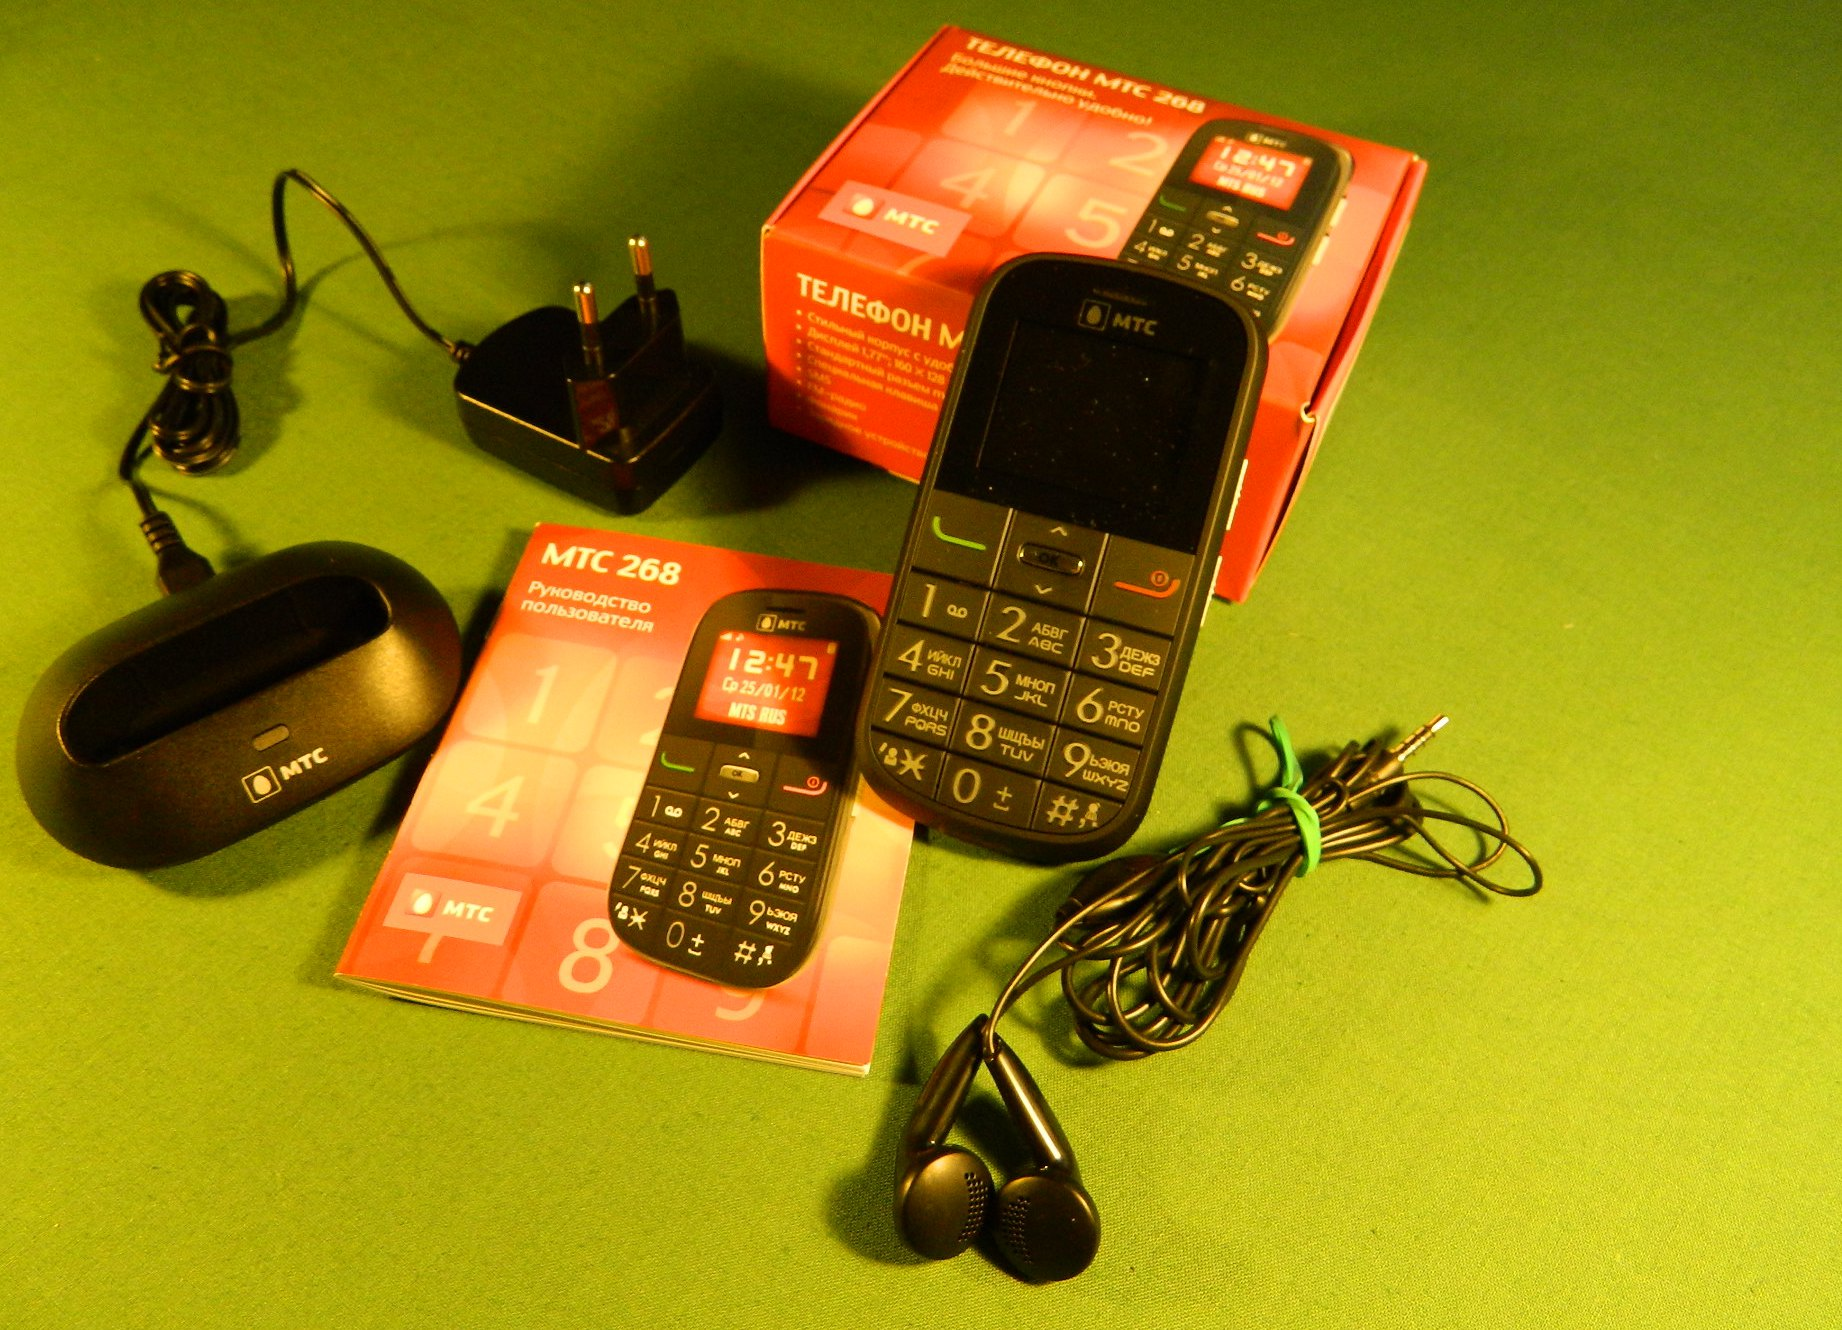 Мобильный телефон МТС 268 инструкция